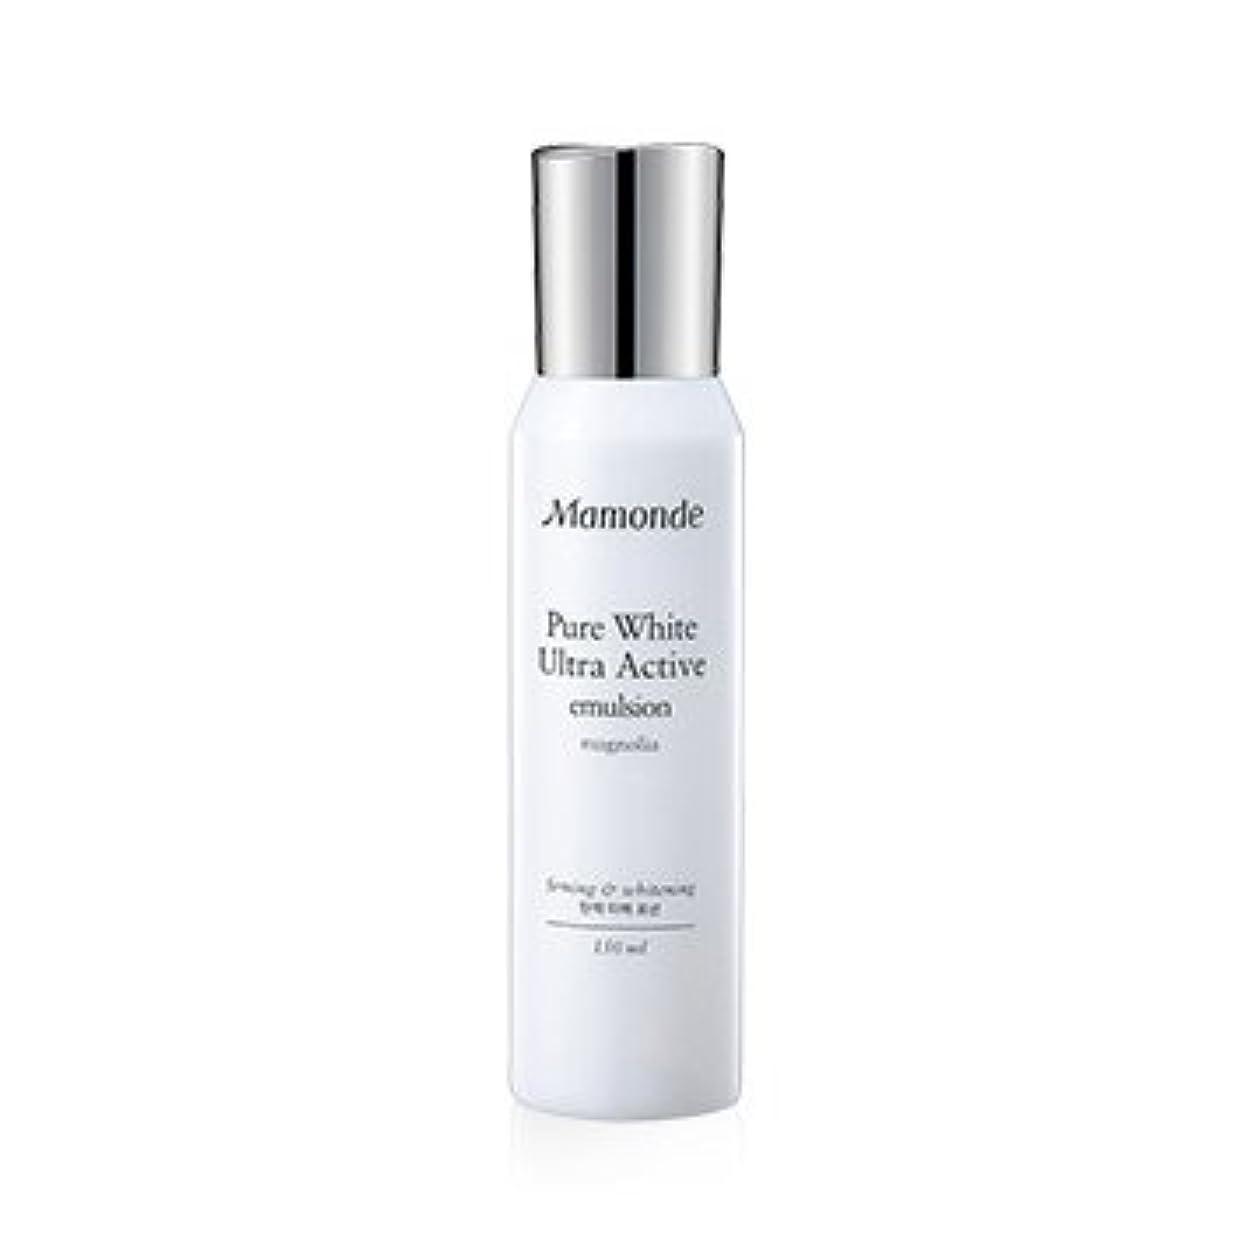 芽余計な山積みのMamonde Pure White Ultra Active Emulsion 150ml/マモンド ピュア ホワイト ウルトラ アクティブ エマルジョン 150ml [並行輸入品]